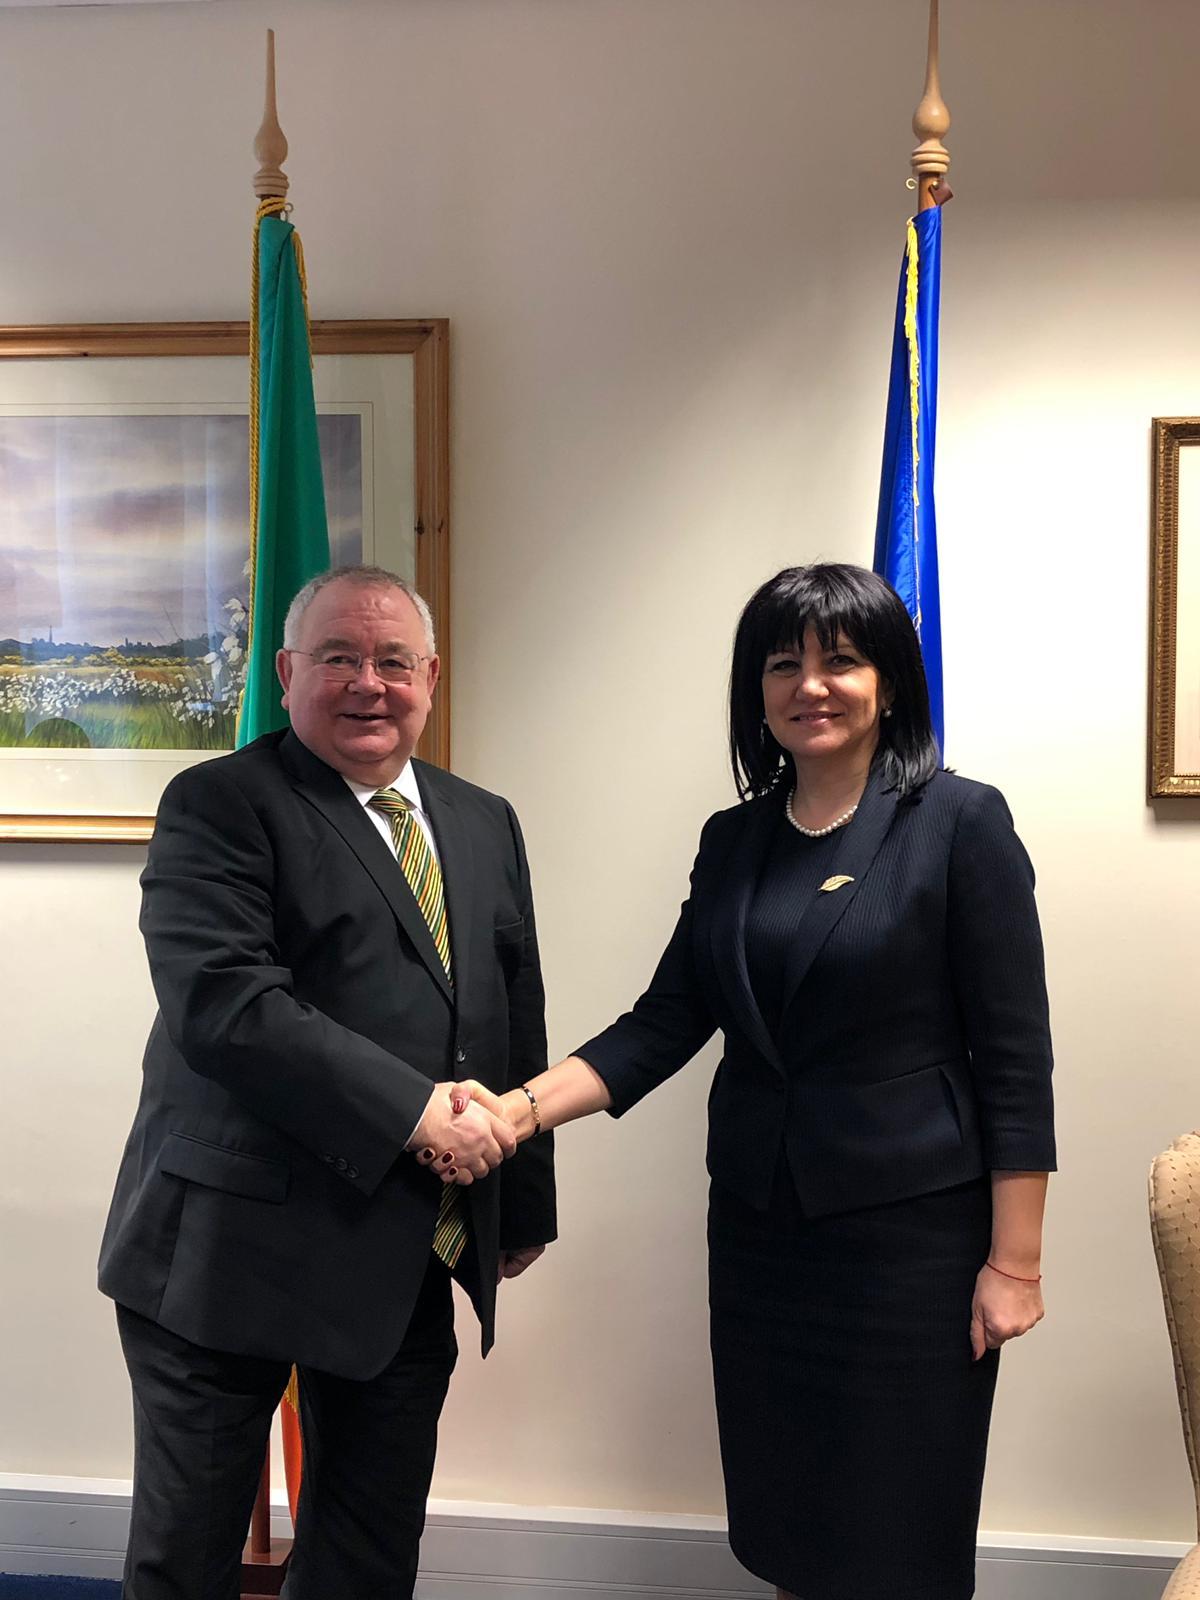 Възможностите за задълбочаване на парламентарното сътрудничество между България и Ирландия обсъдиха председателите на законодателните институции на двете страни